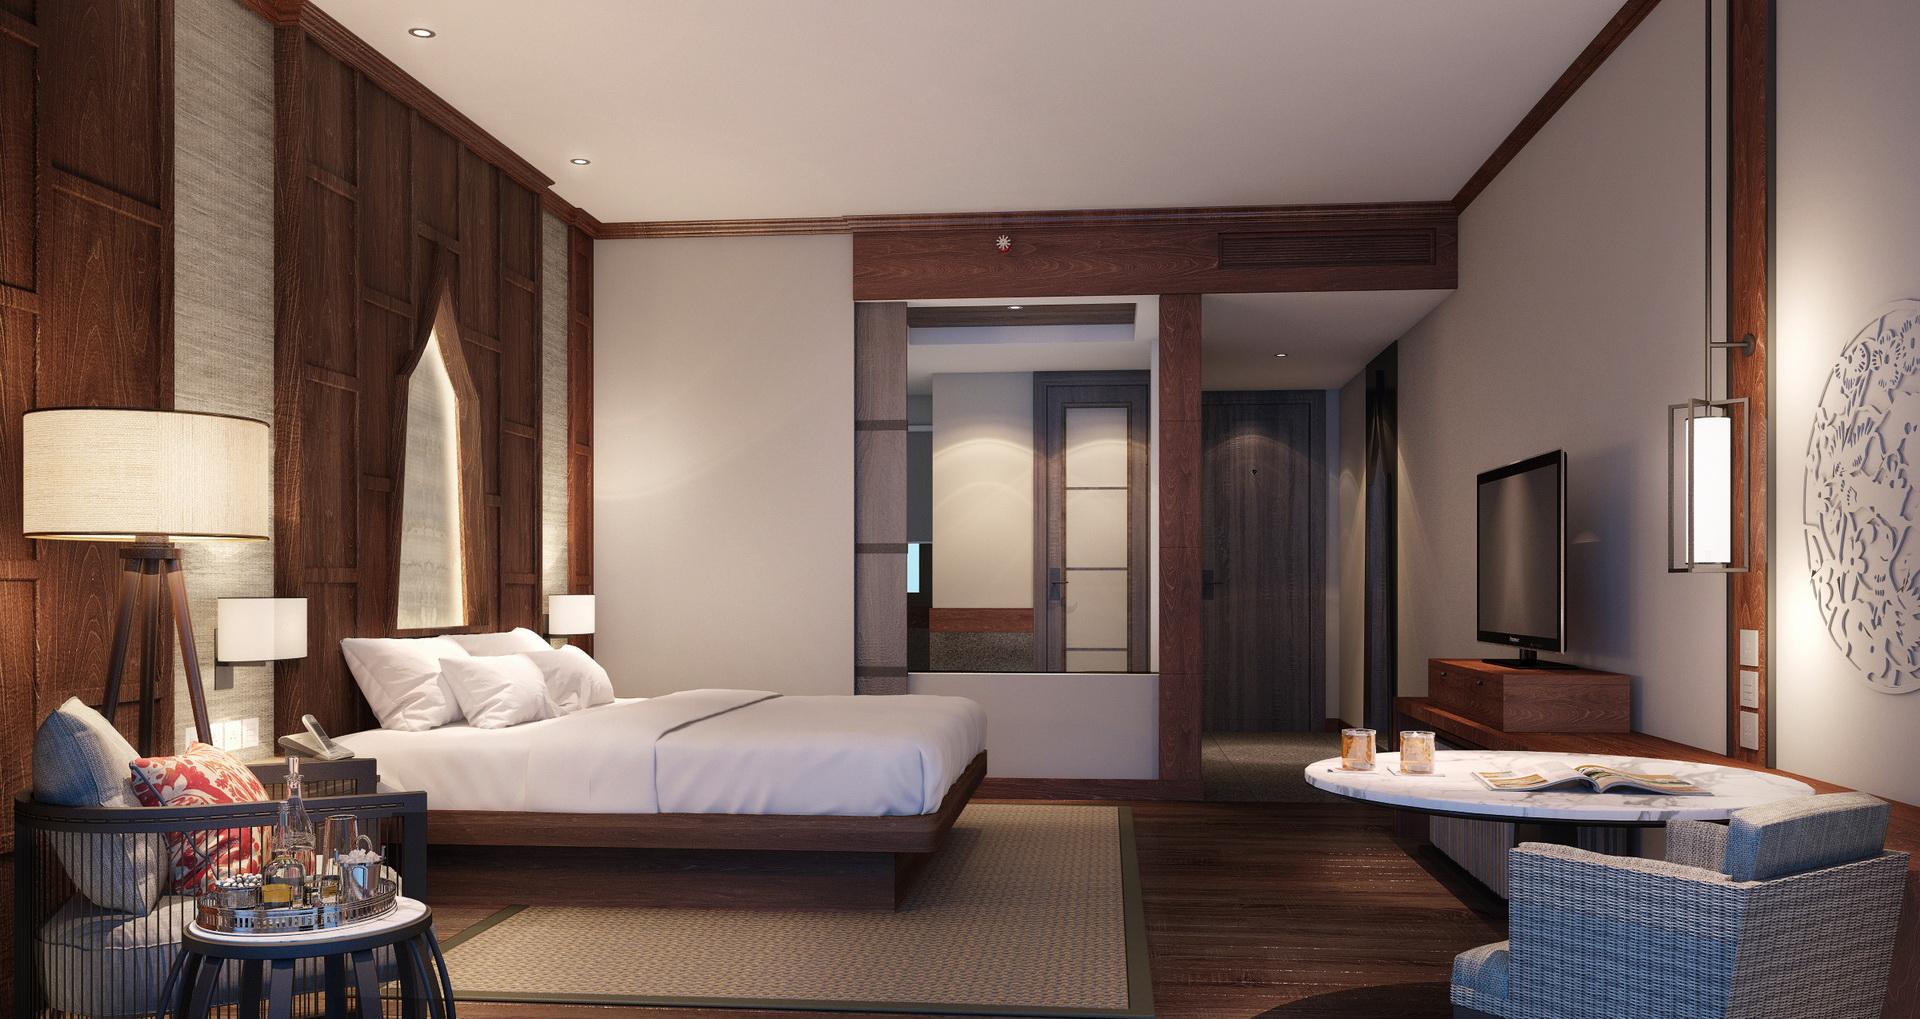 Thai Style Room